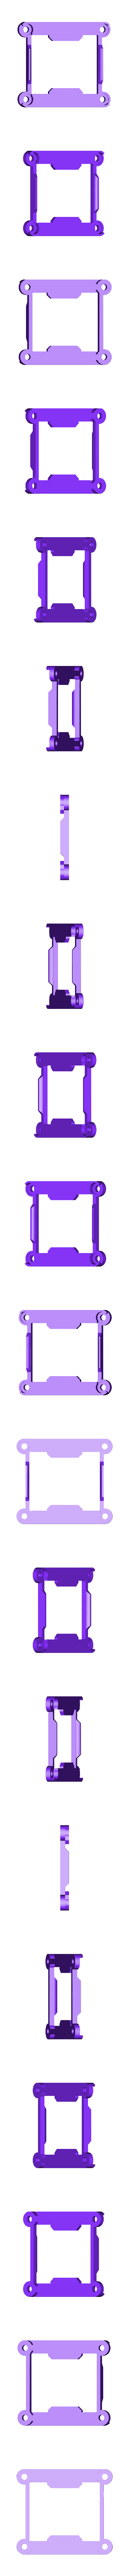 ND_MDCV4.stl Télécharger fichier STL gratuit MONTAGE EXTERNE ET FILTRE MADCASE (Version finale) • Plan pour imprimante 3D, Rhizamax